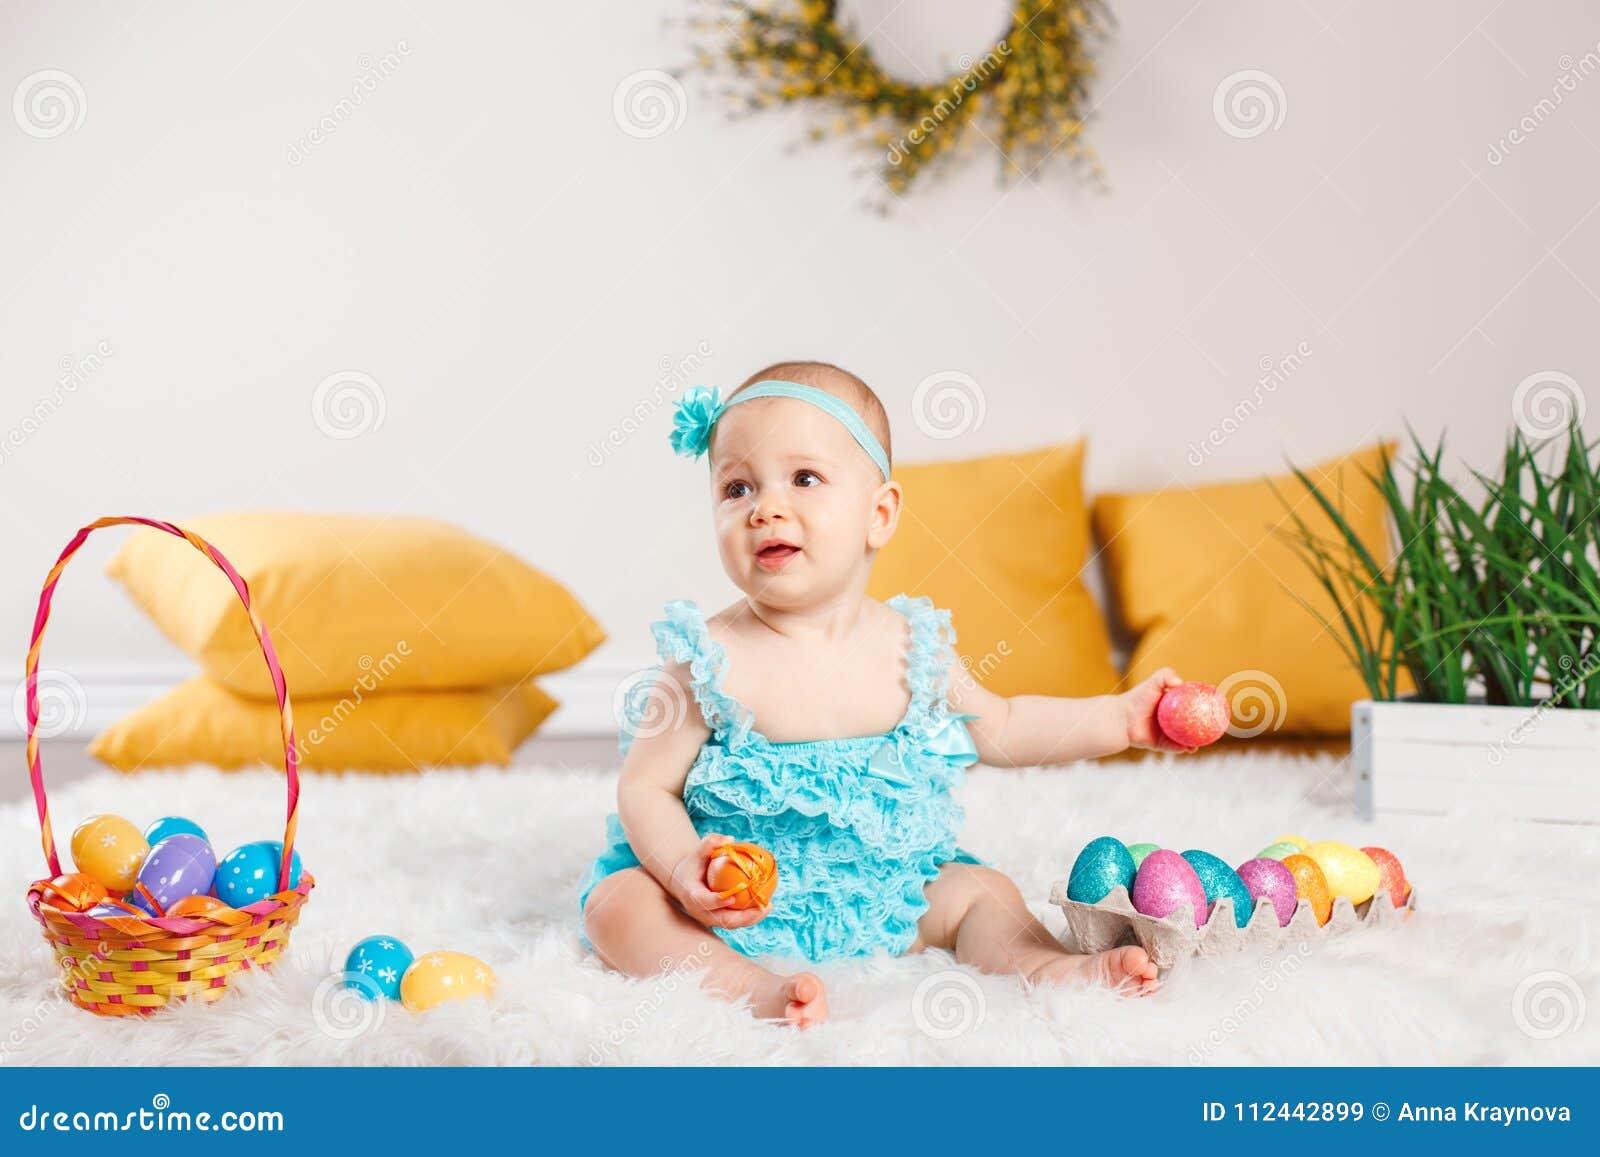 Baby Das Ostern Feiertag Feiert Stockbild Bild Von Barfuß